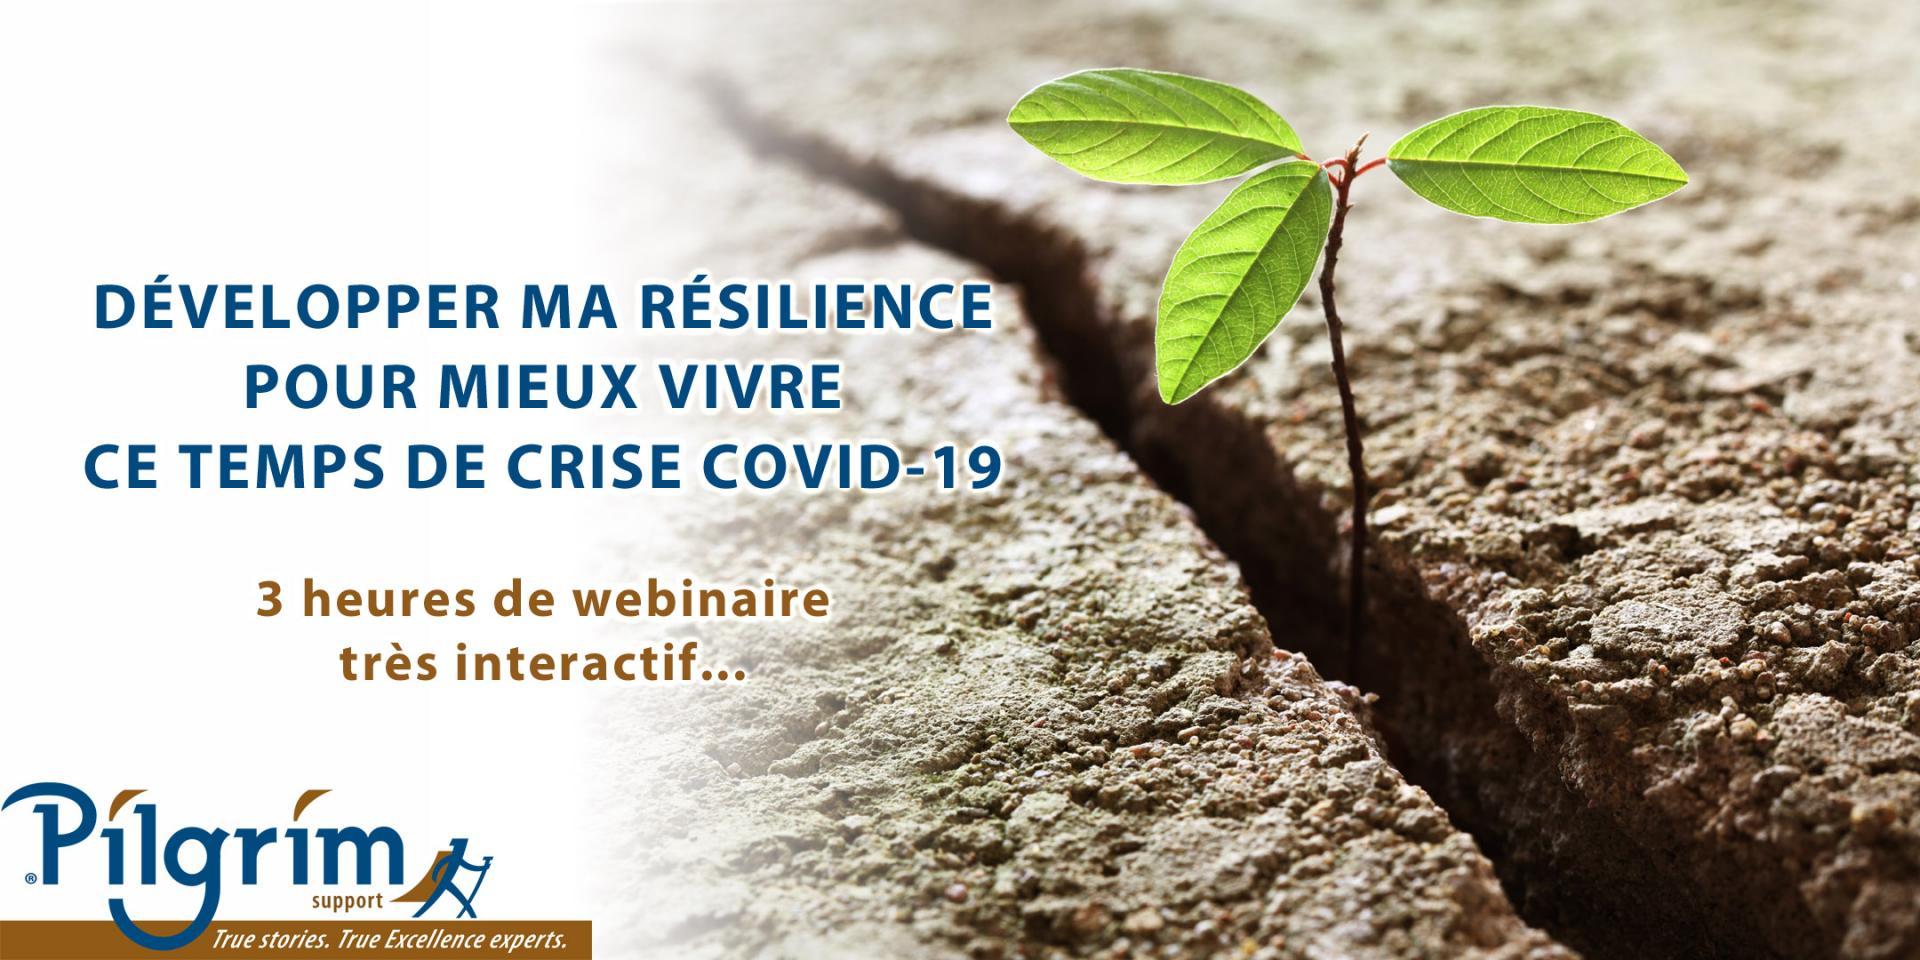 Pilgrim eventbrite event resilience jan 2021 1